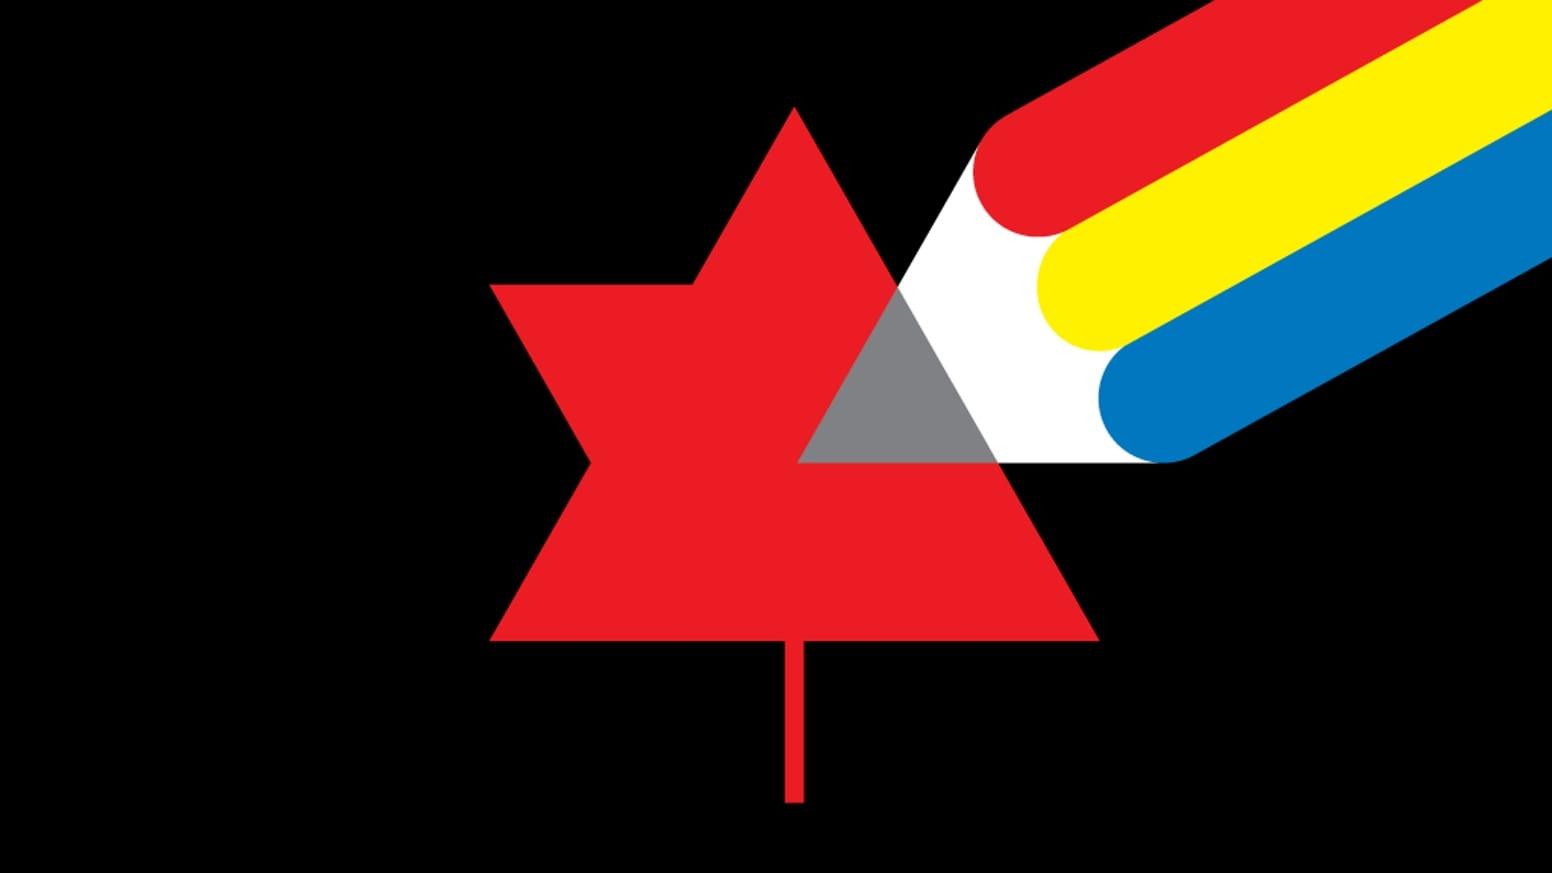 85fbf346e4df9eeef41e7a57e673b985 original - Trailer: Nový dokument o kanadskom dizajne